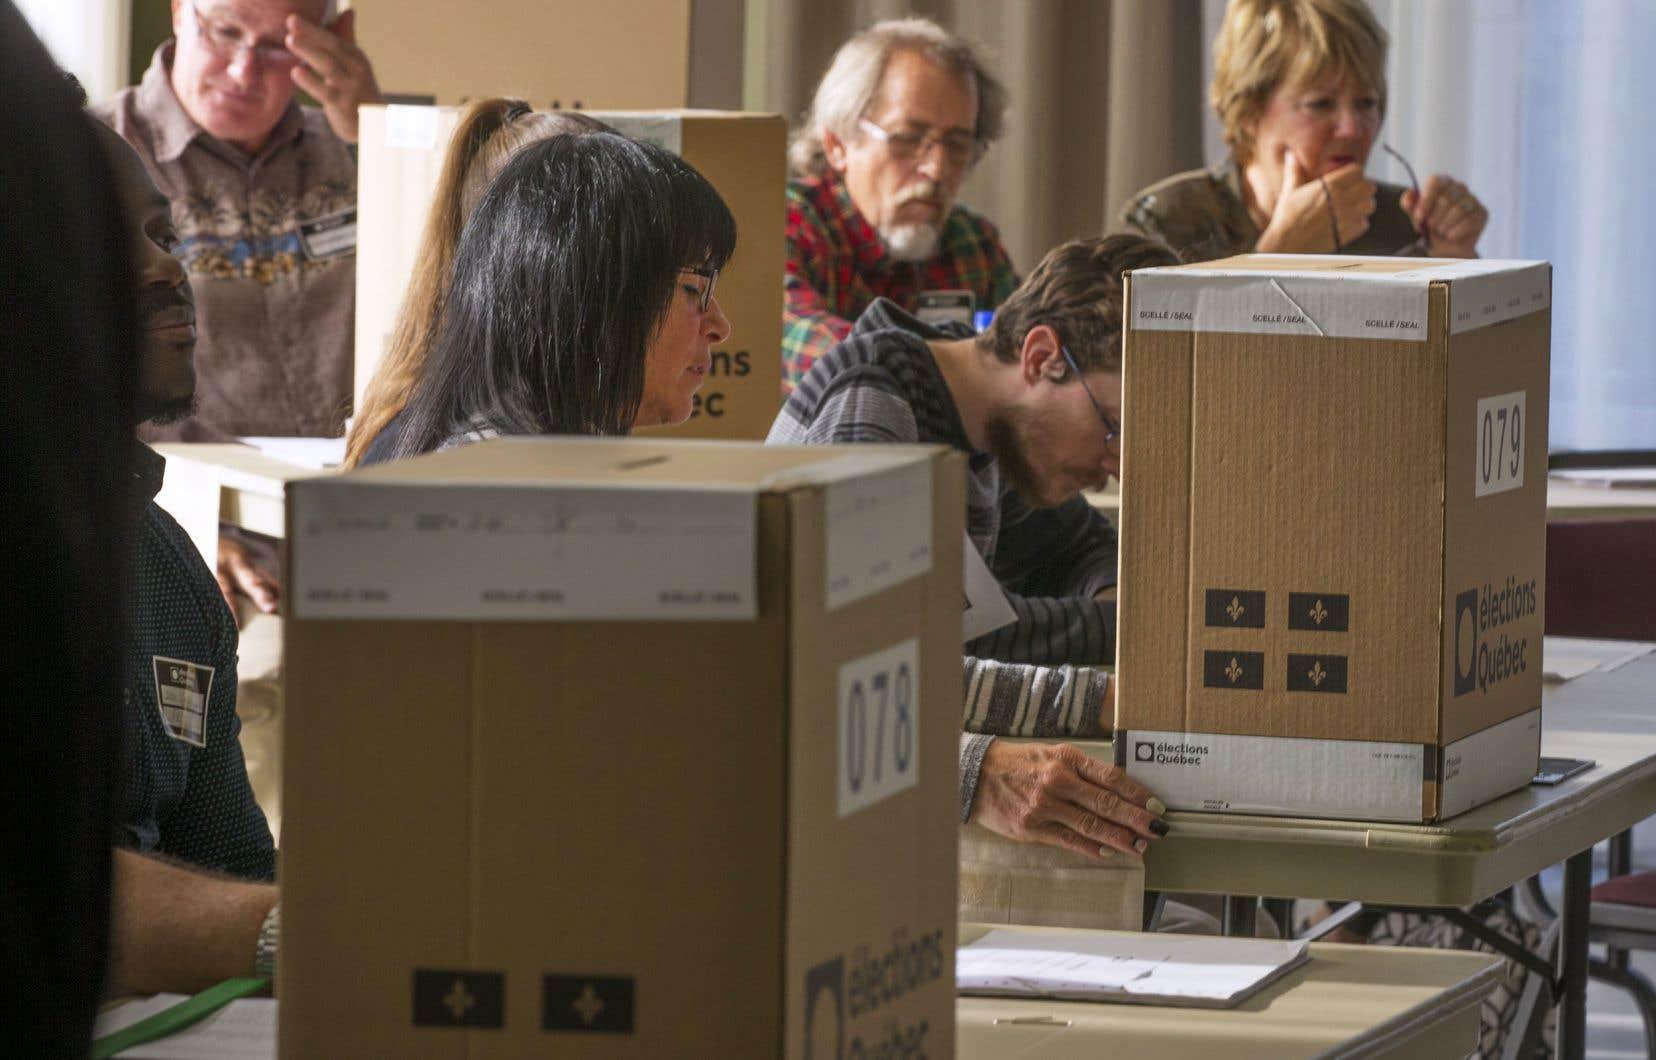 La CAQ, le PQ et QS s'étaient mis d'accord pour réformer le mode de scrutin.